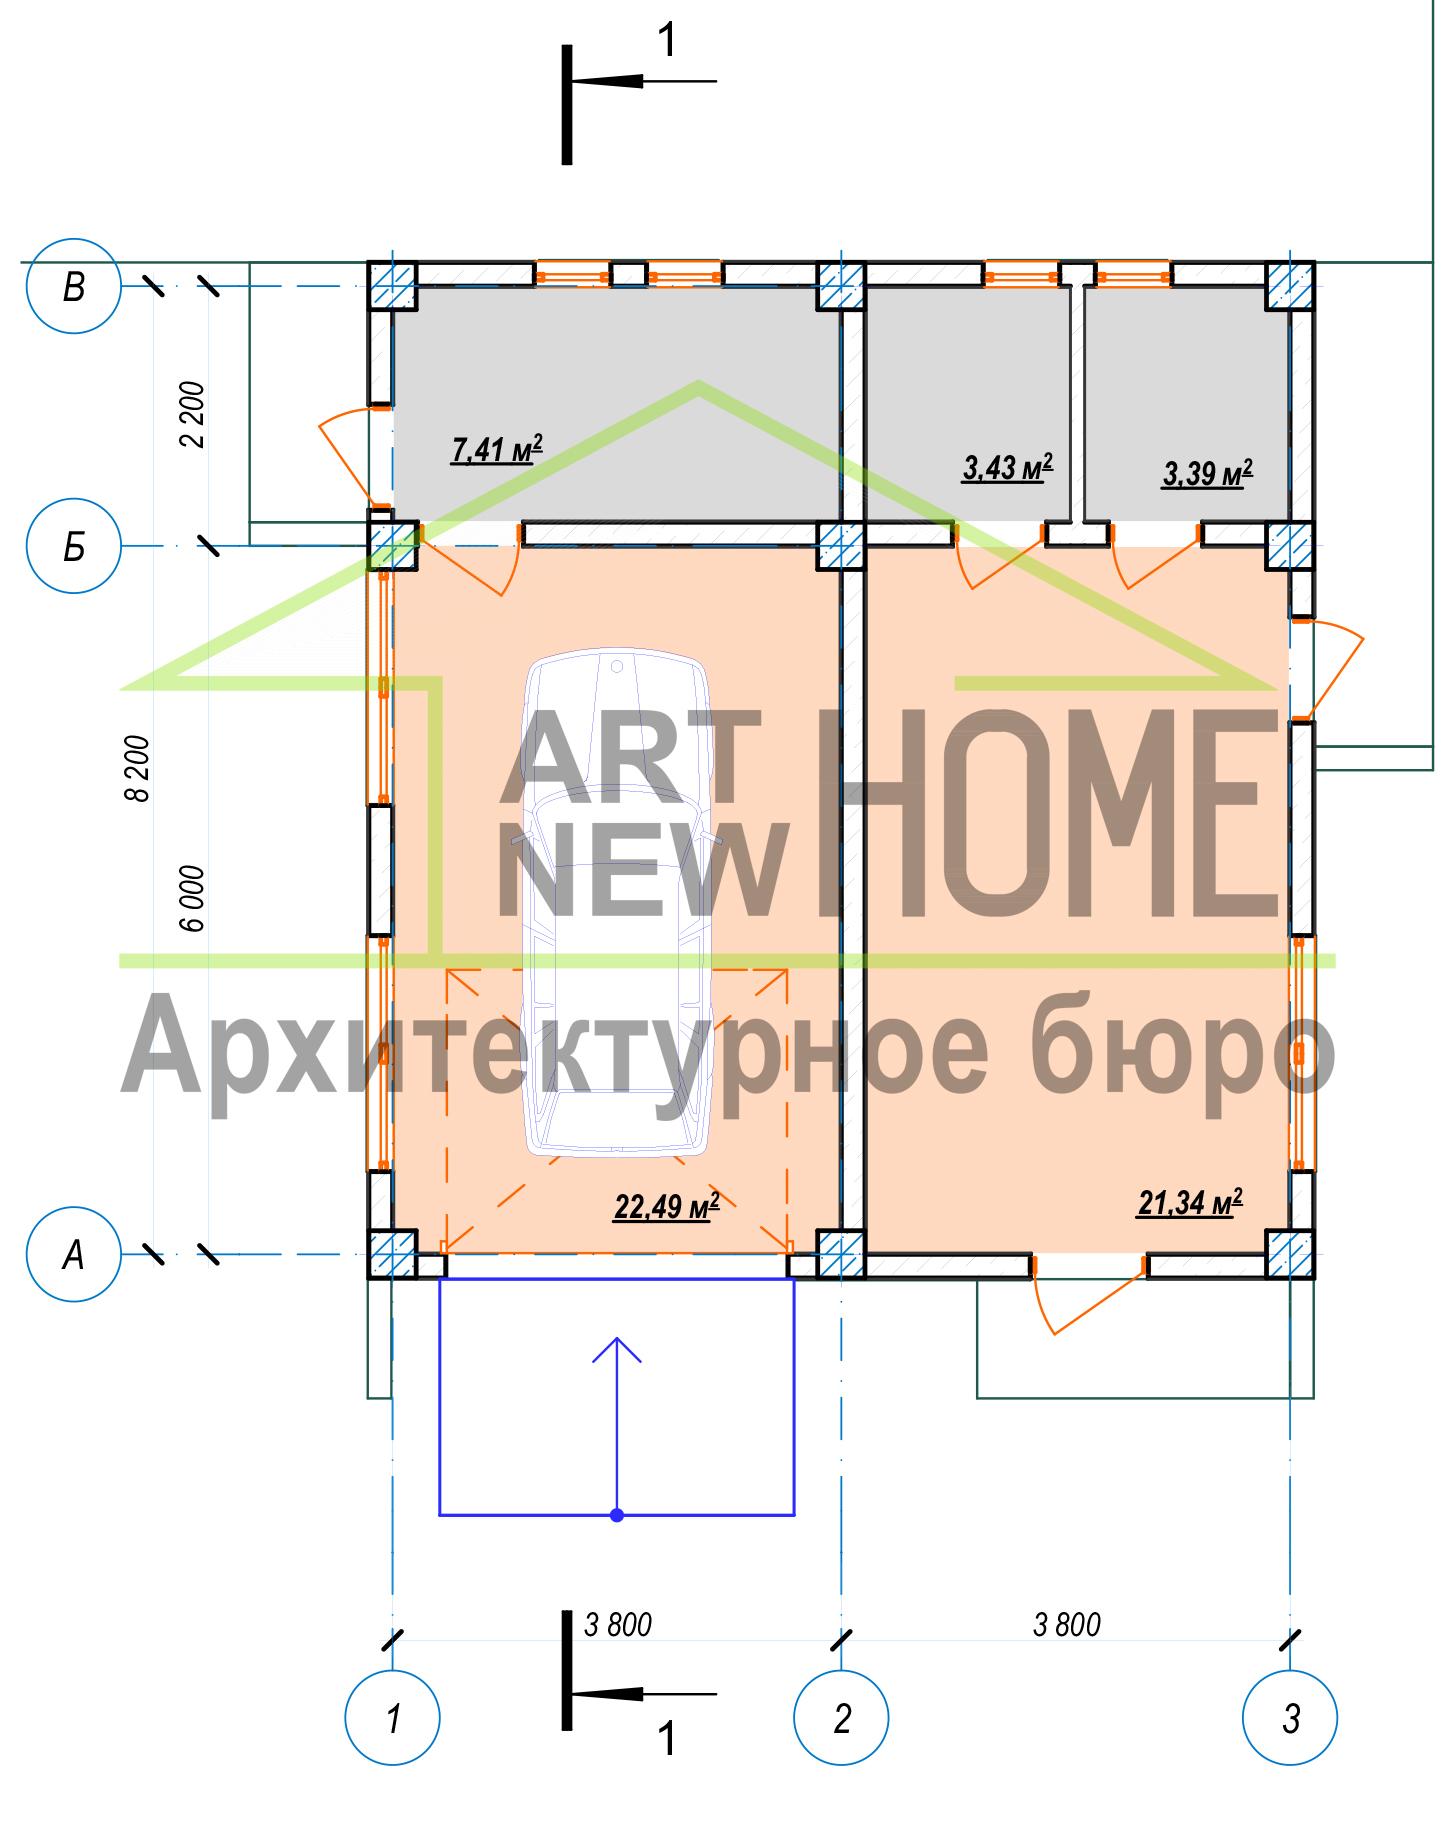 Строительство нового дома на месте старого Штрафы